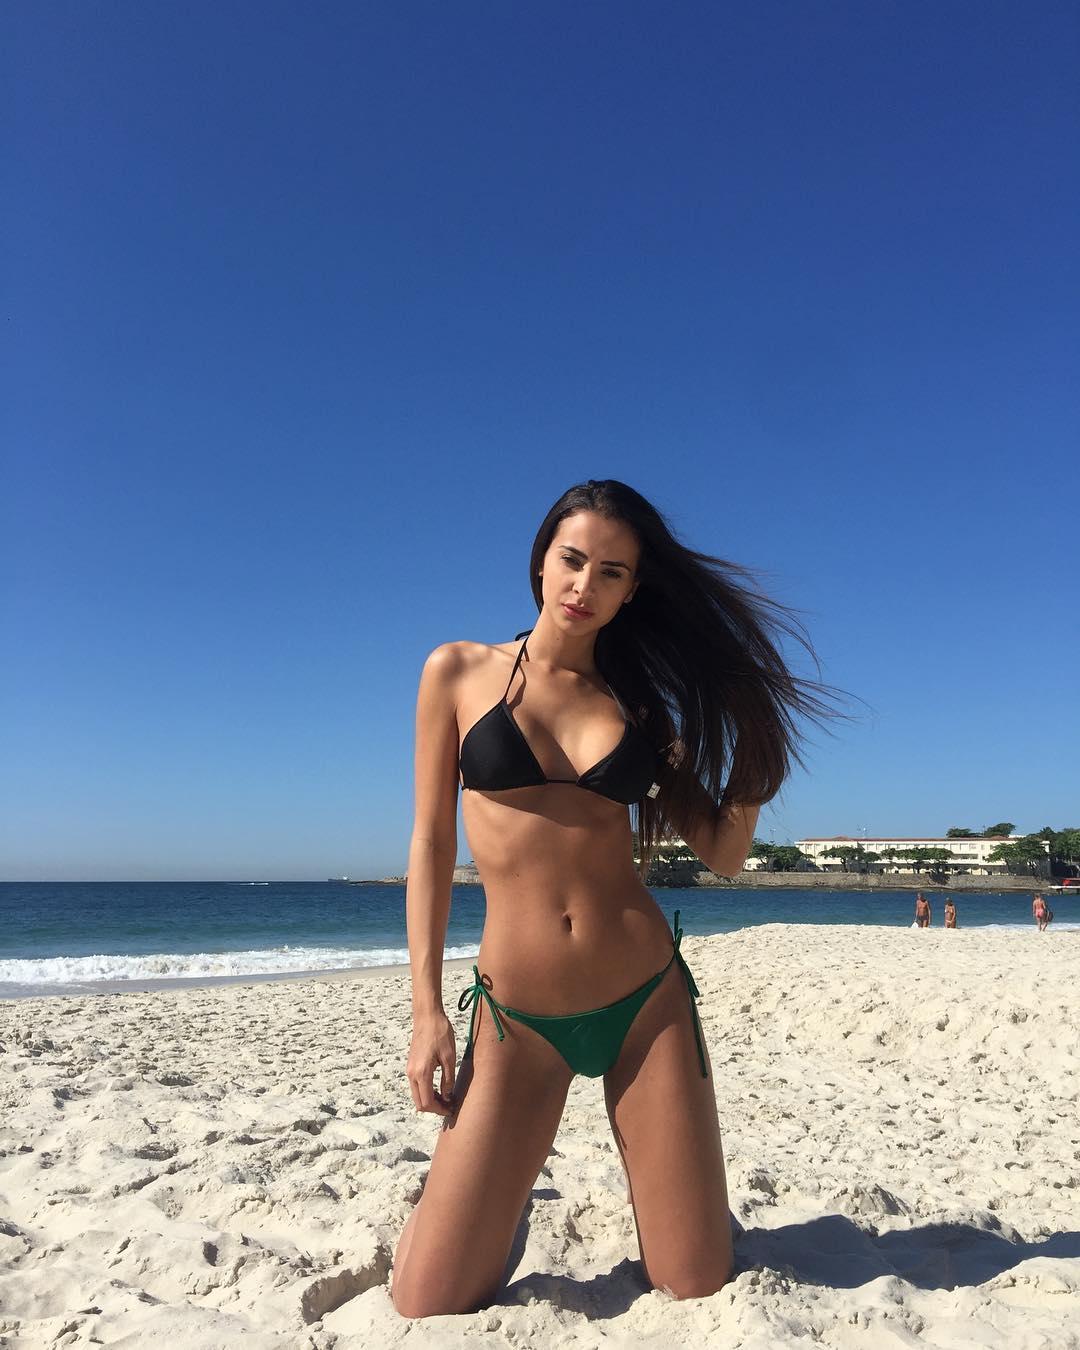 nathalia pastoura, miss alagoas universo 2017. 9ttk3g4c